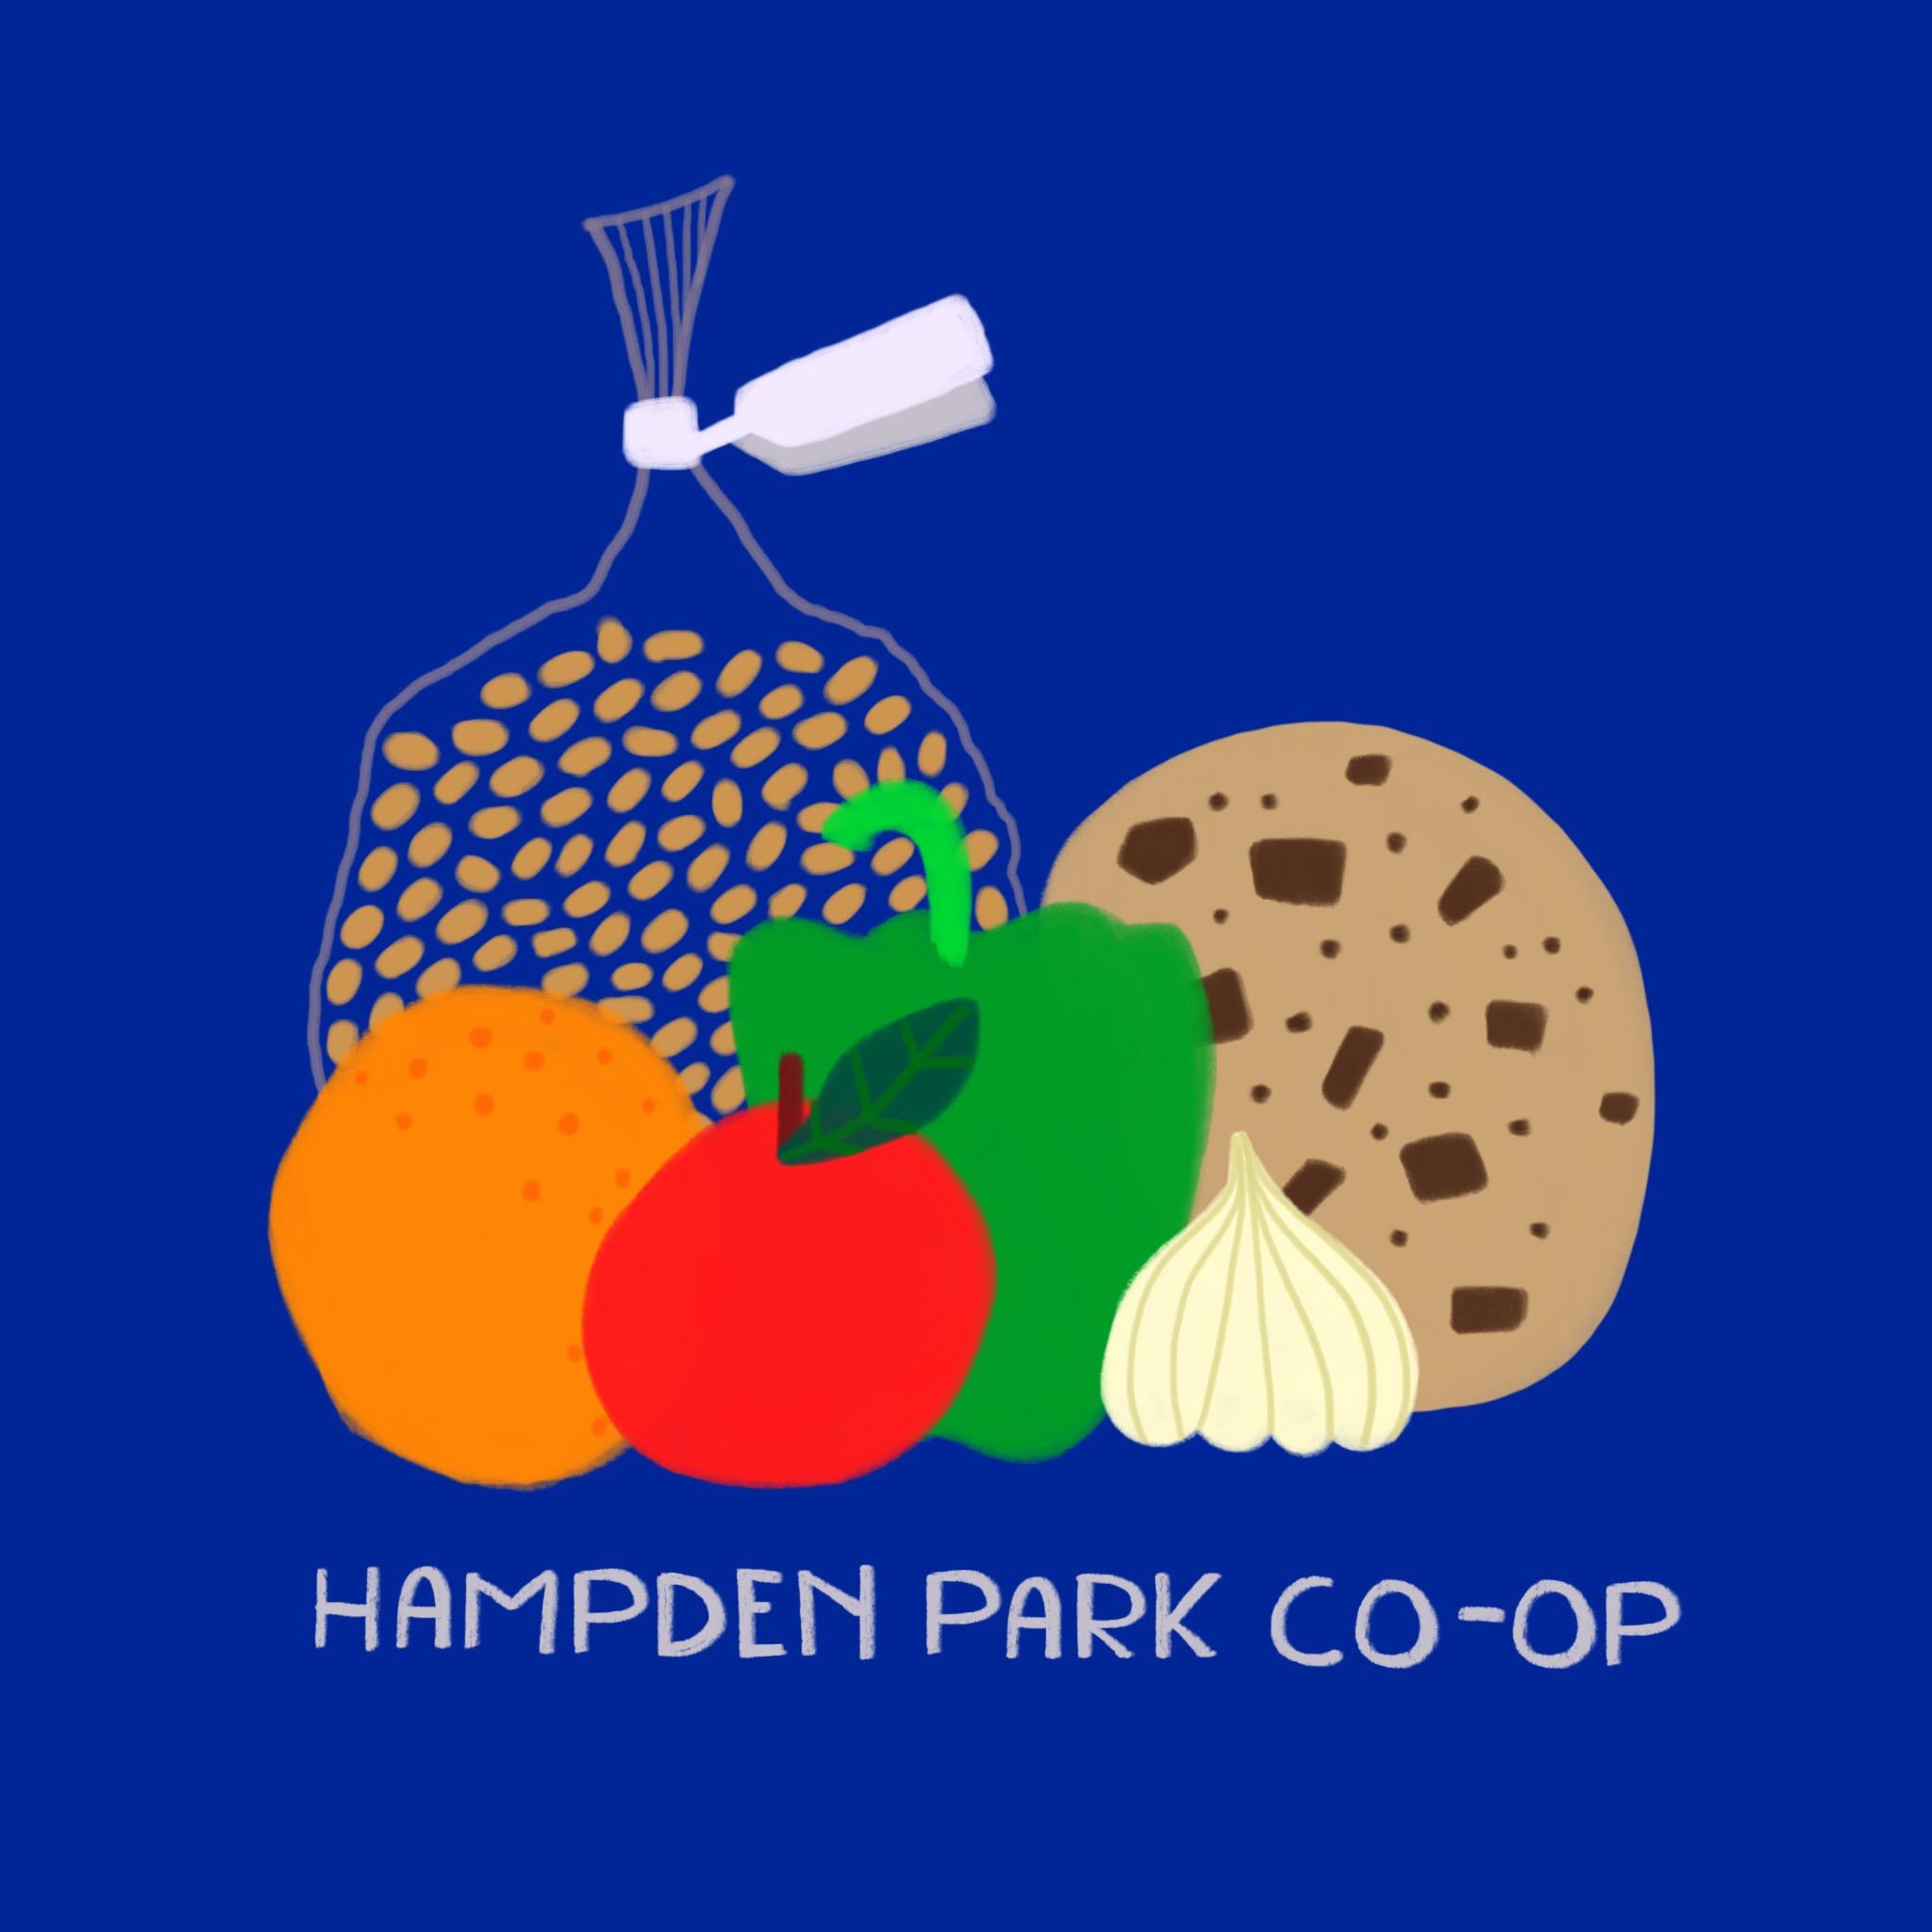 96_-_Hampden_Park_Co-op.jpg